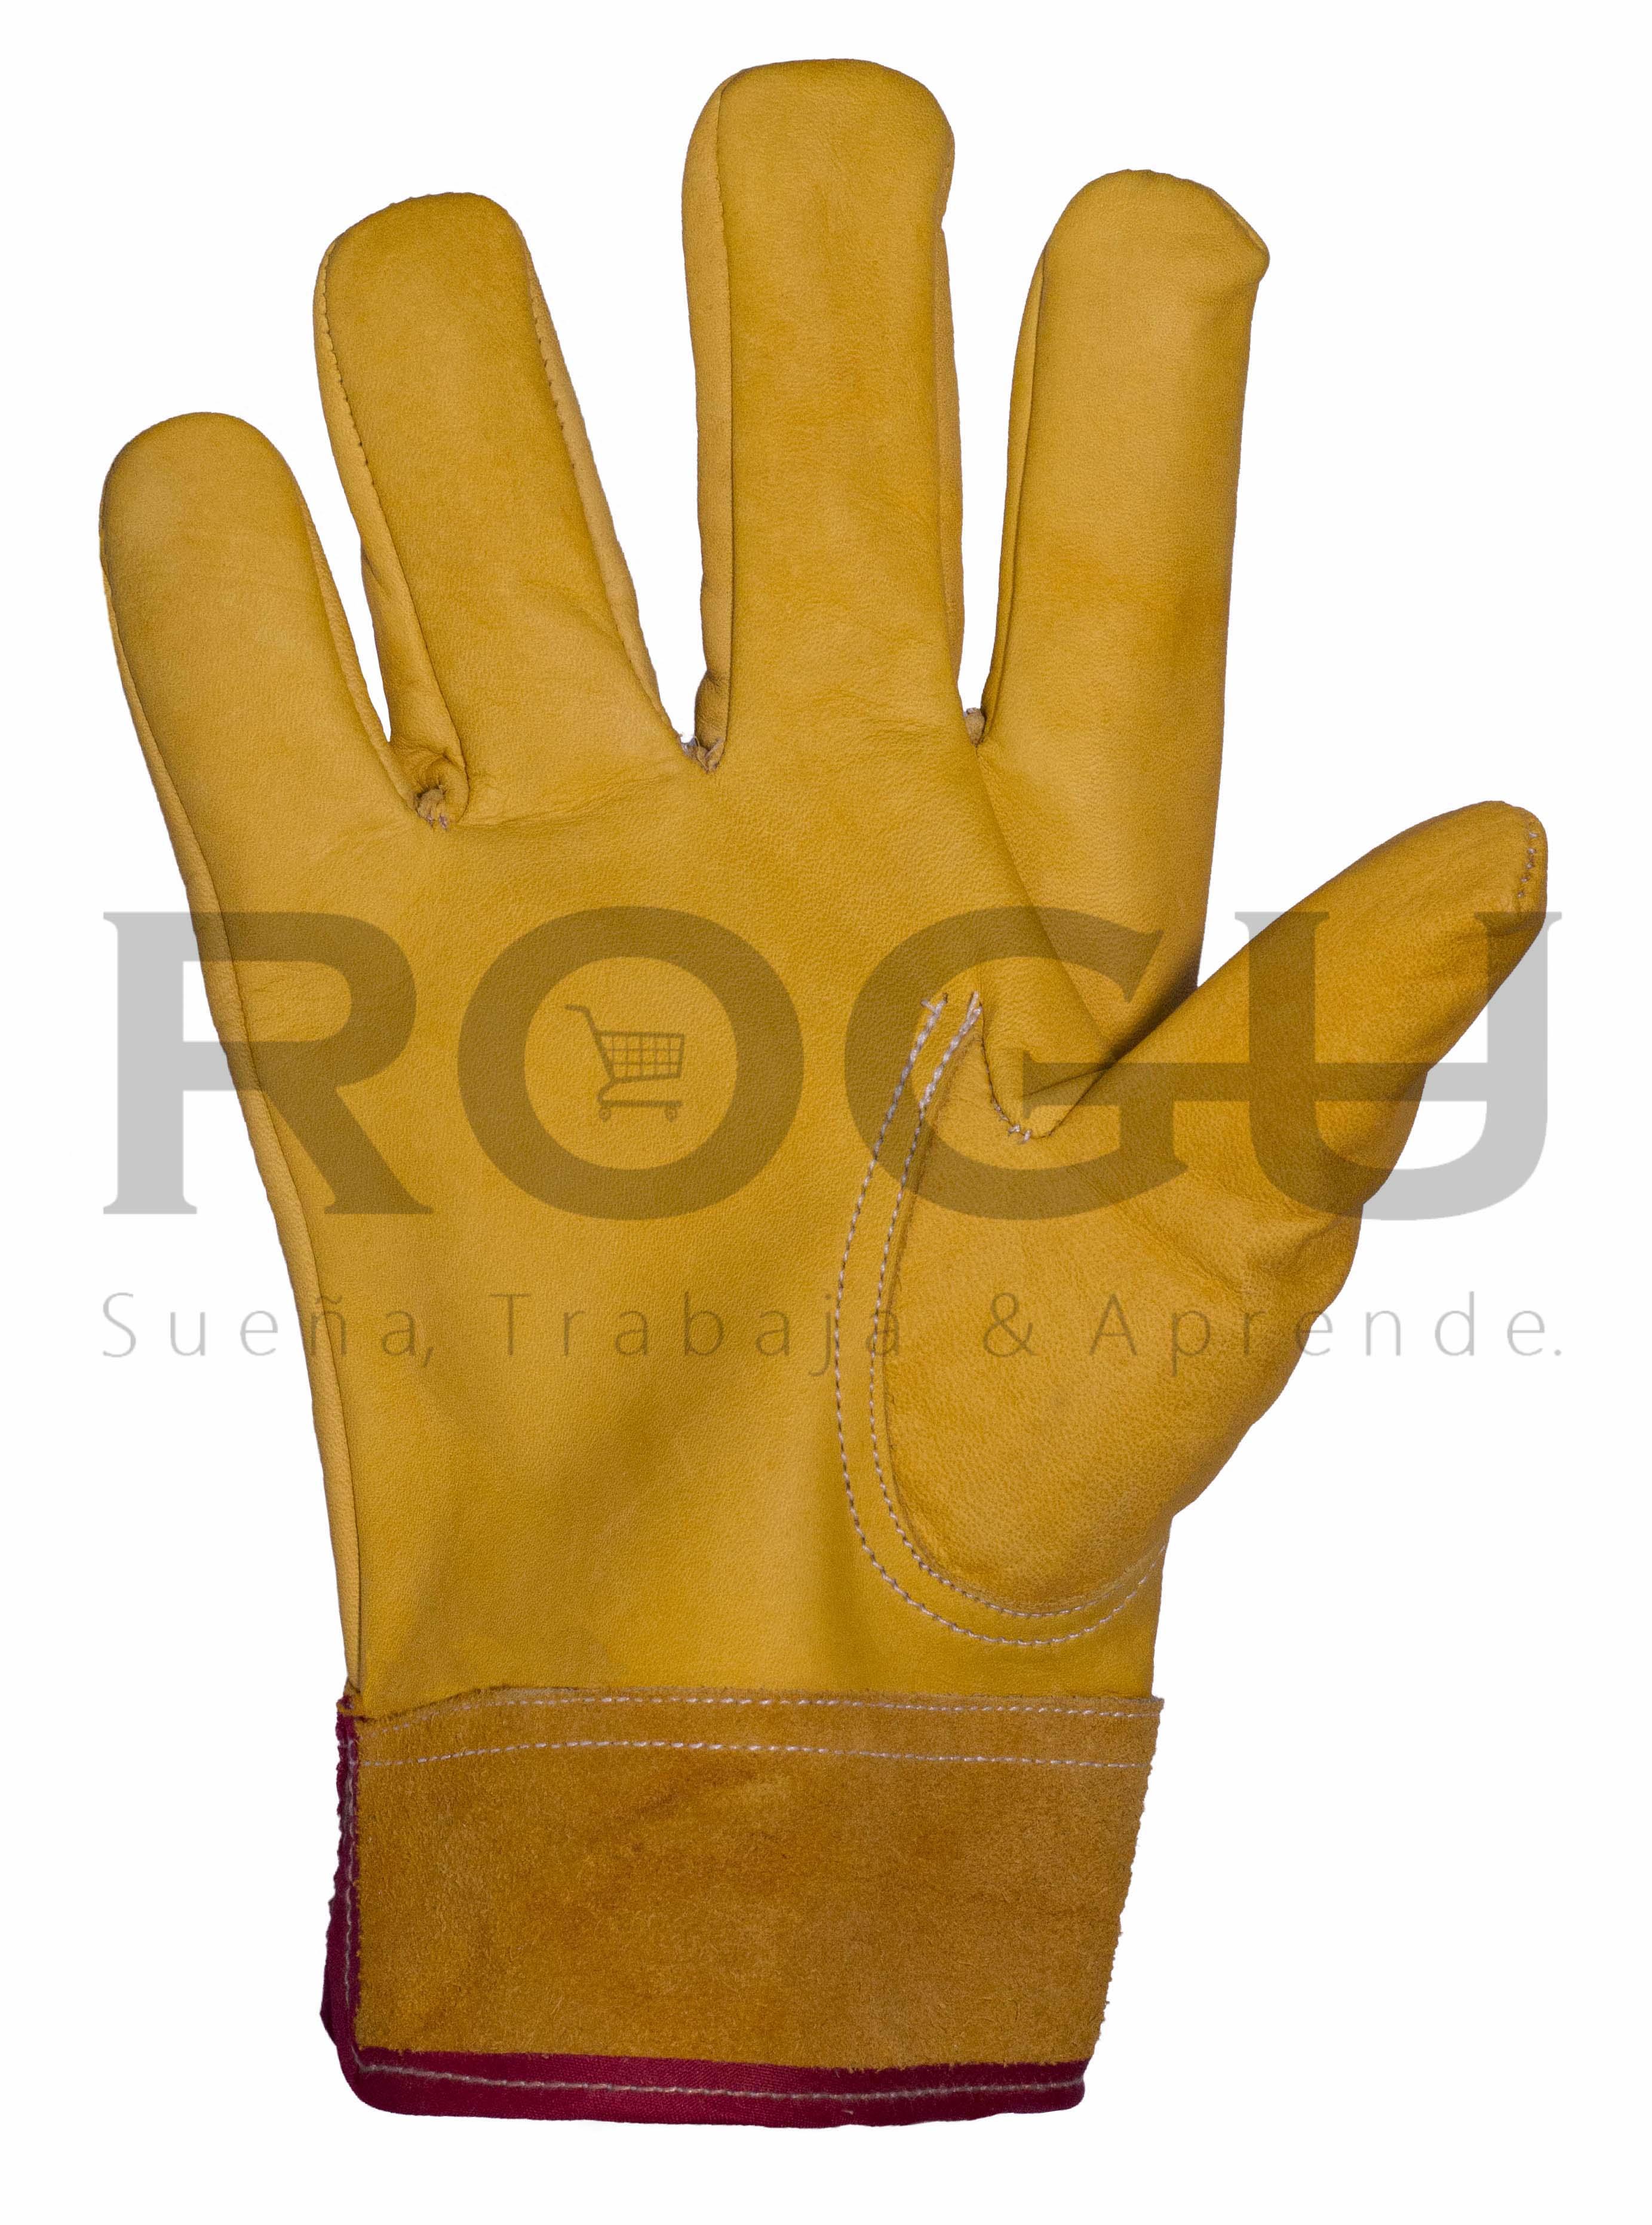 guante de electricista piel de res amarillo